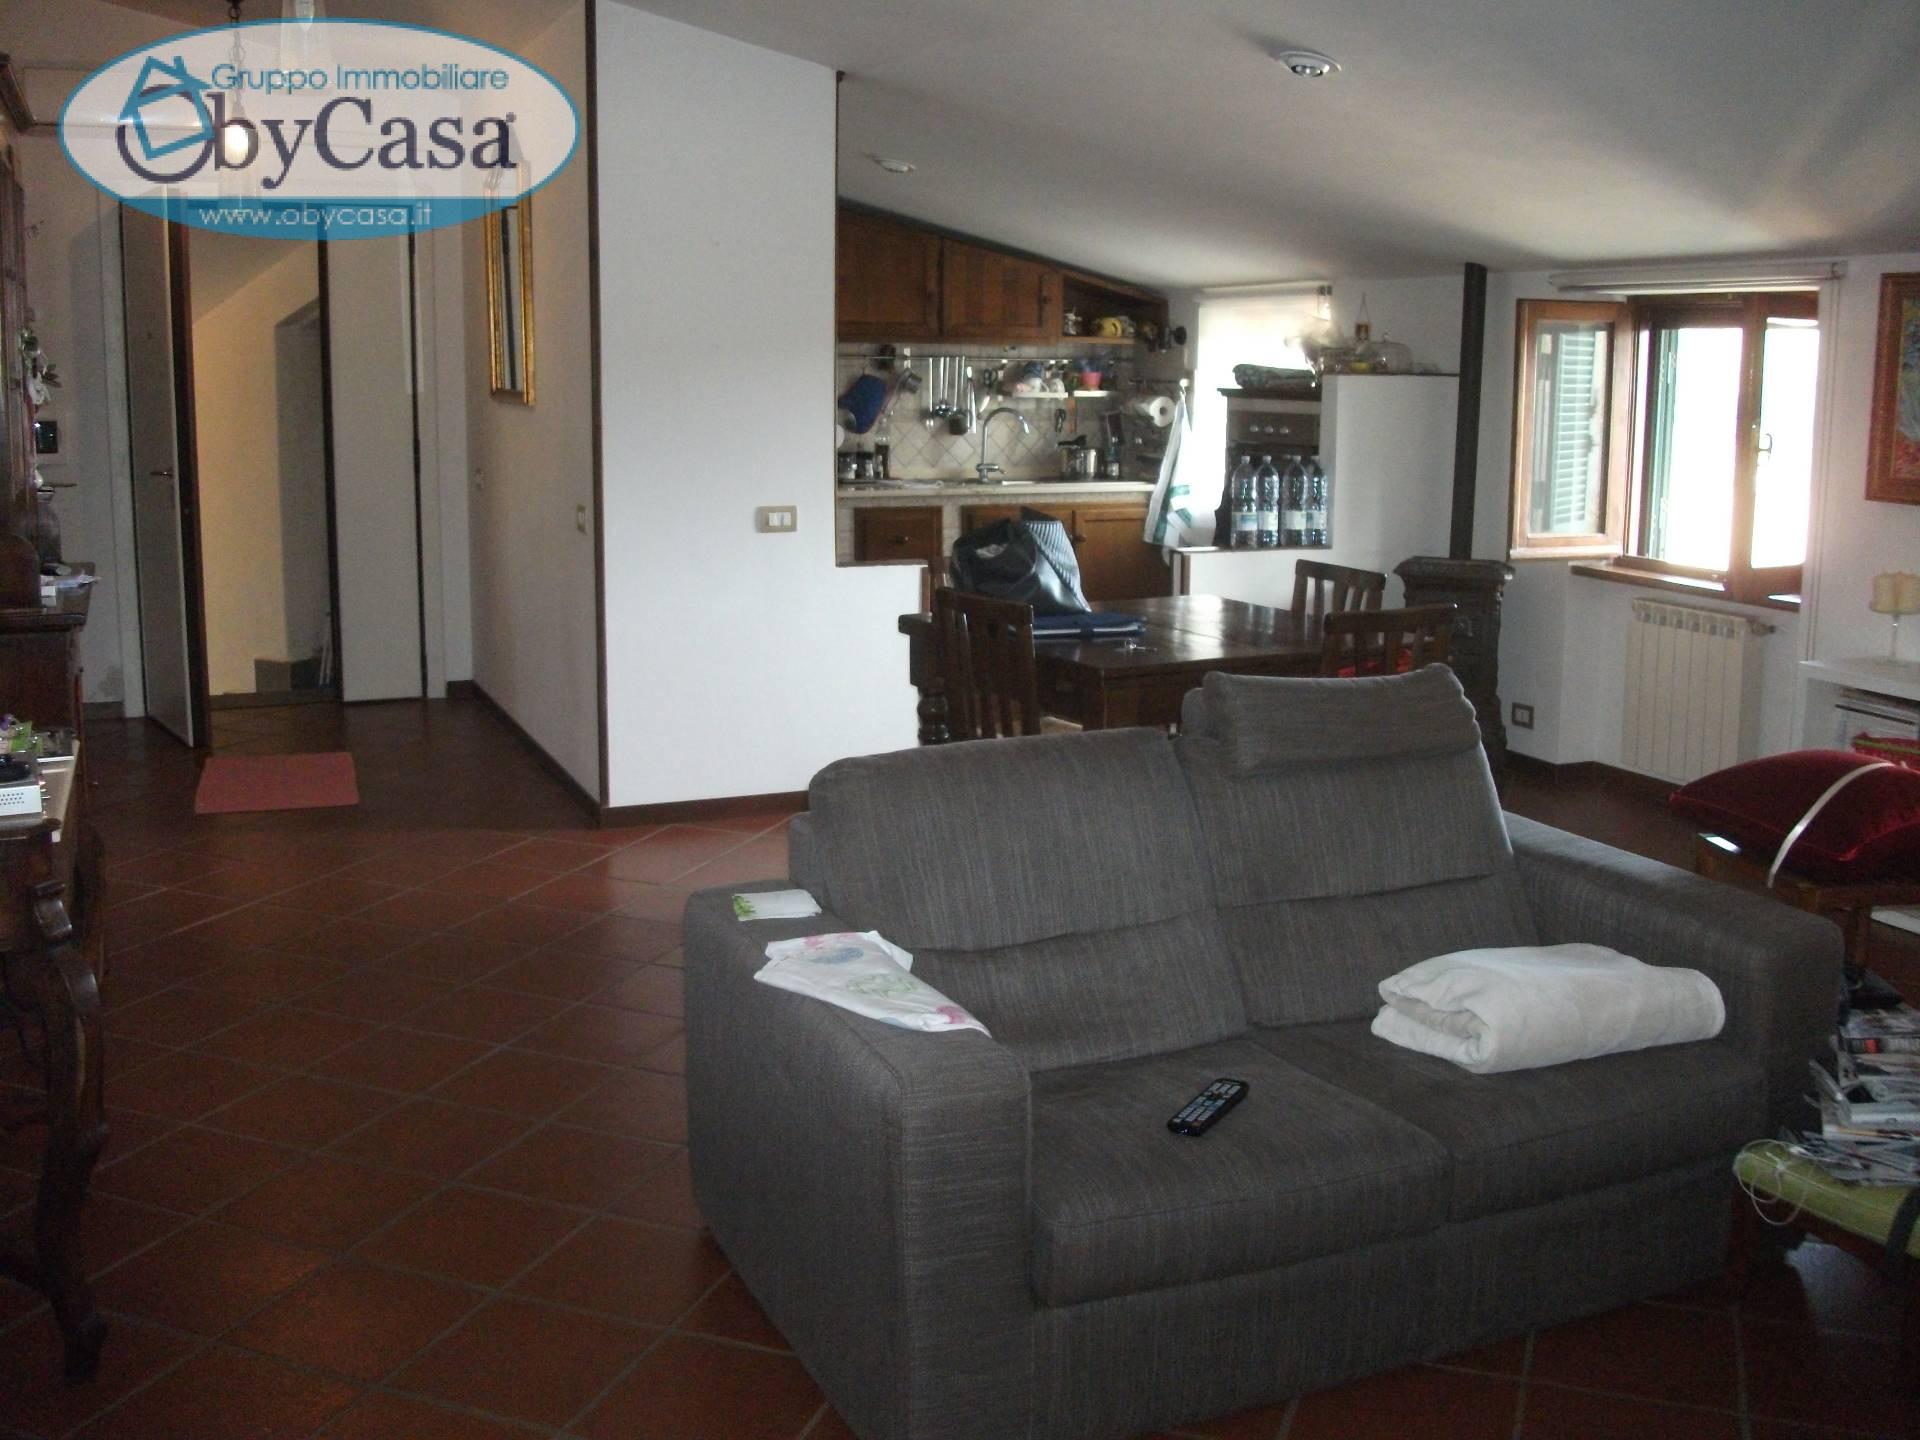 Appartamento in vendita a Oriolo Romano, 3 locali, prezzo € 78.000 | Cambio Casa.it